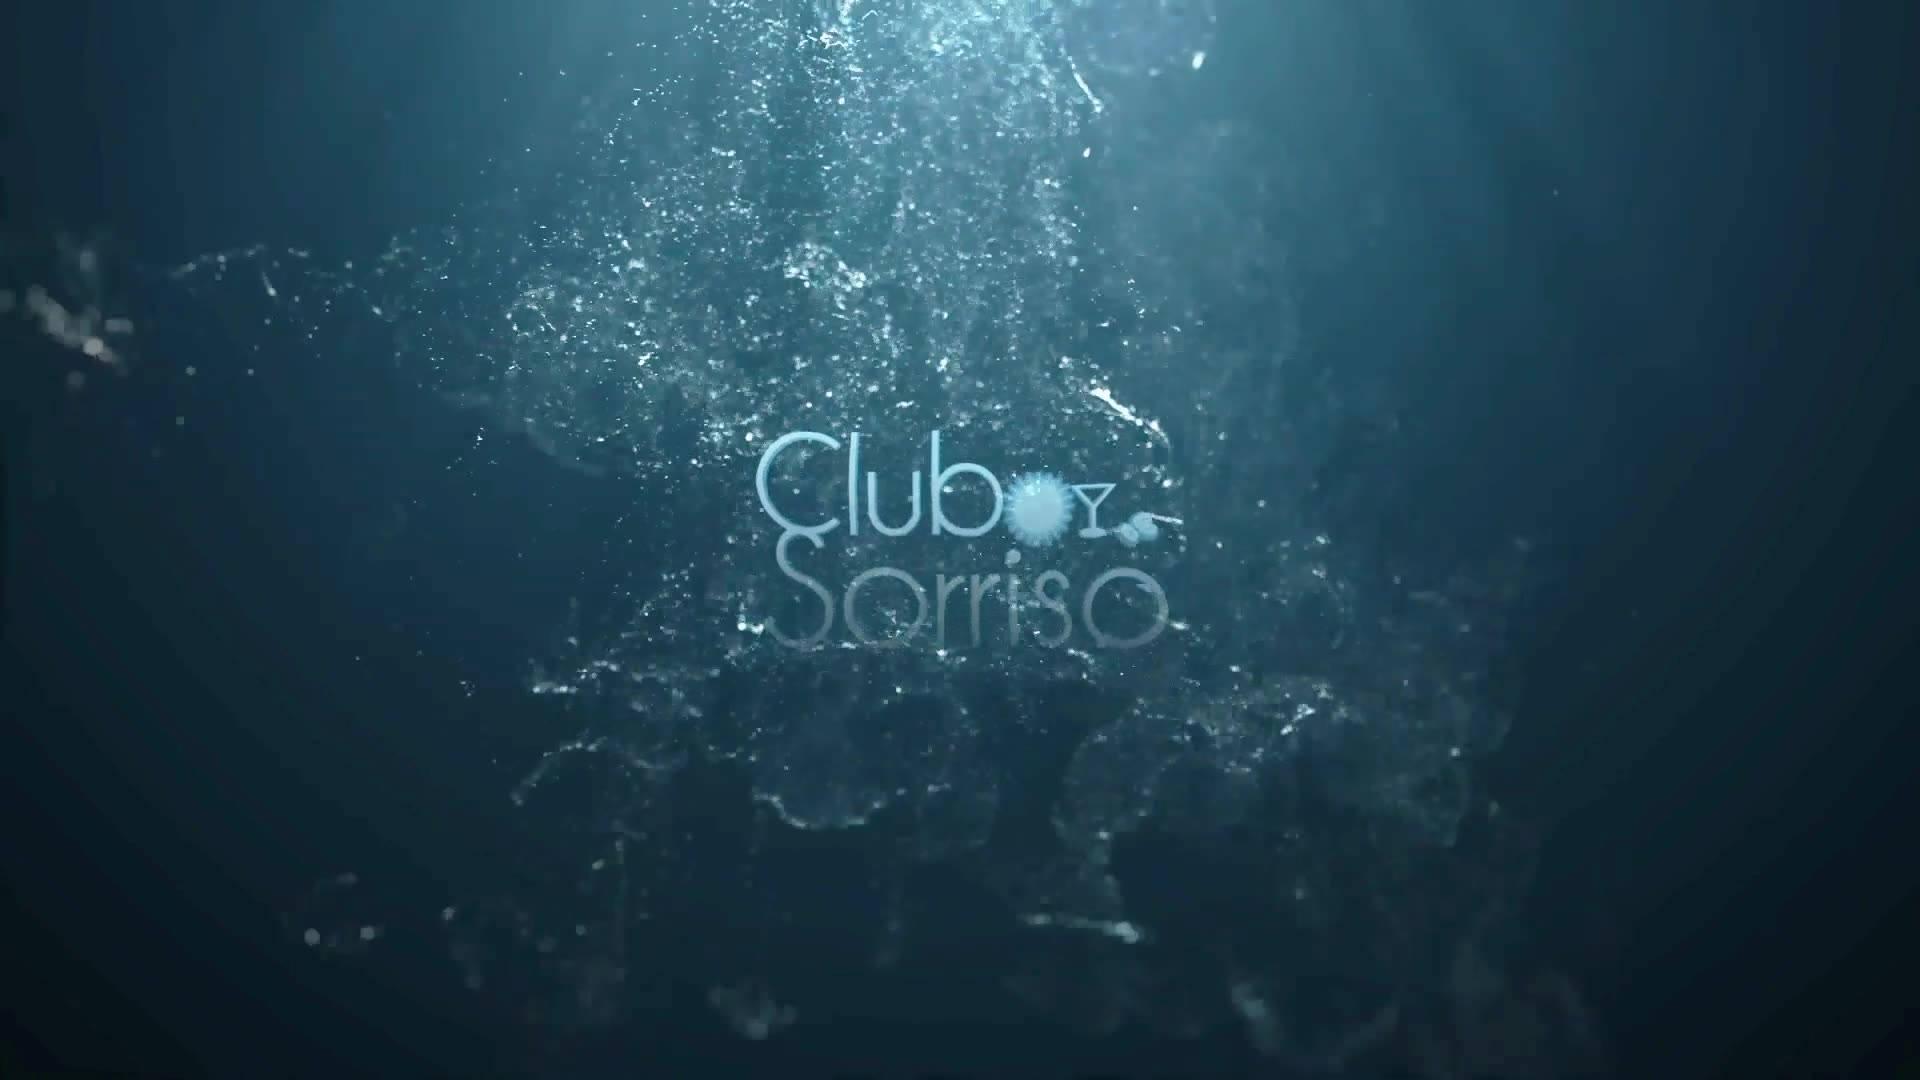 Club Sorriso